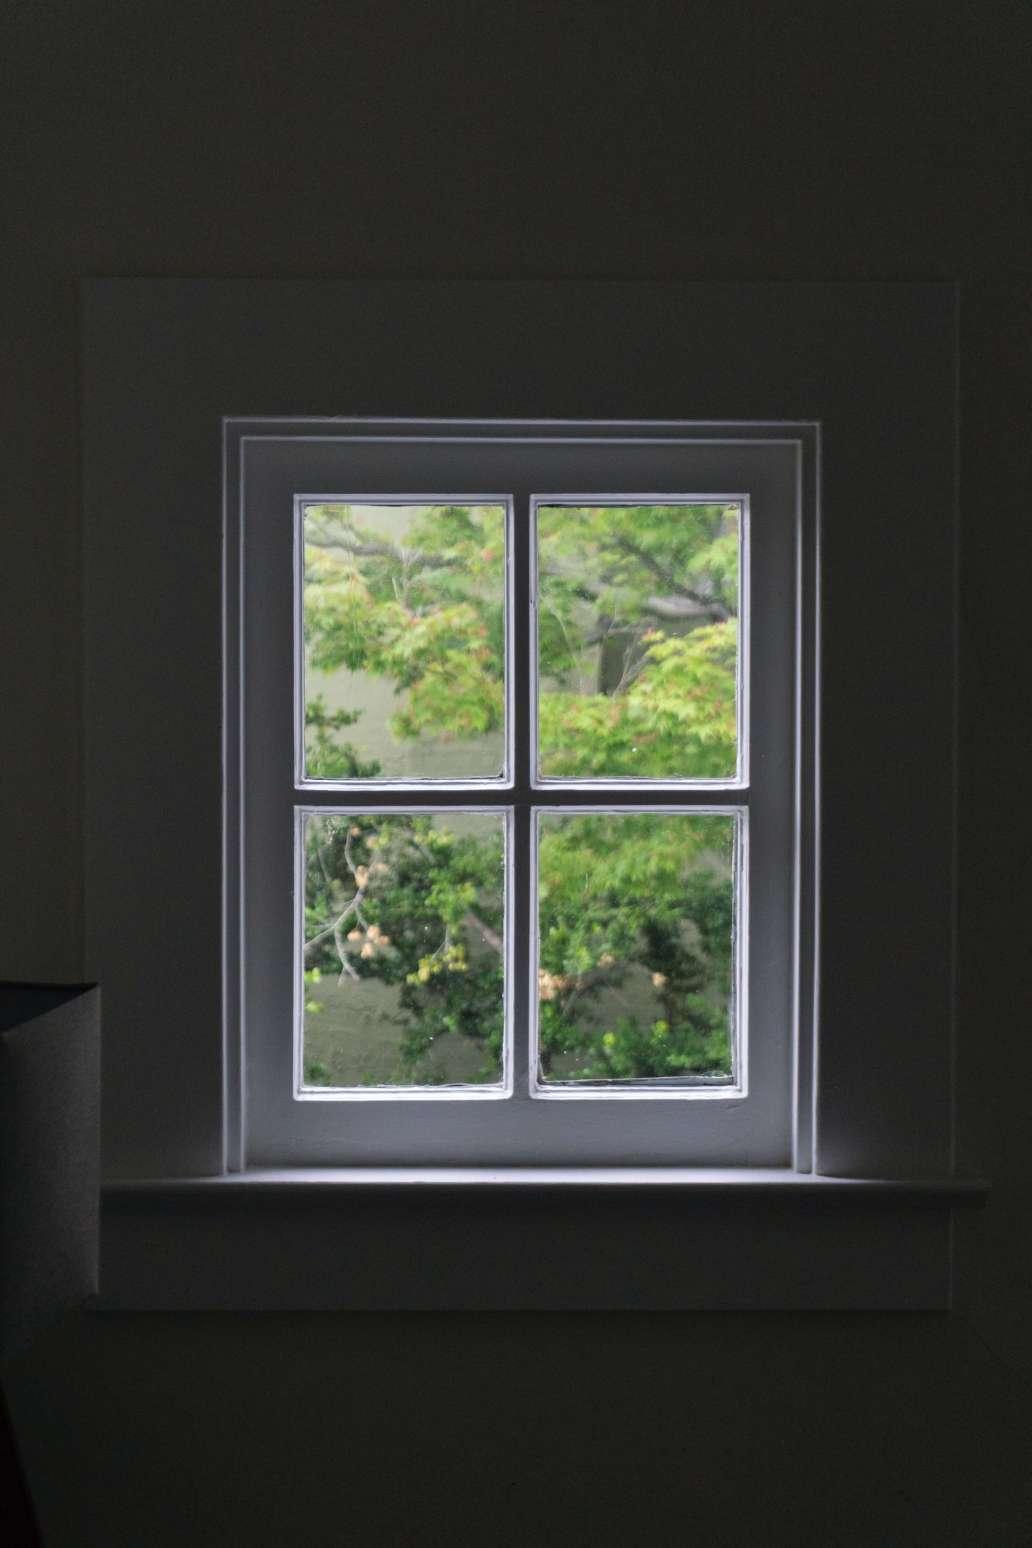 nicolas solerieu 4gRNmhGzYZE unsplash 2 1365x2048 - Comment appliquer un brise-vue pour fenêtre ?